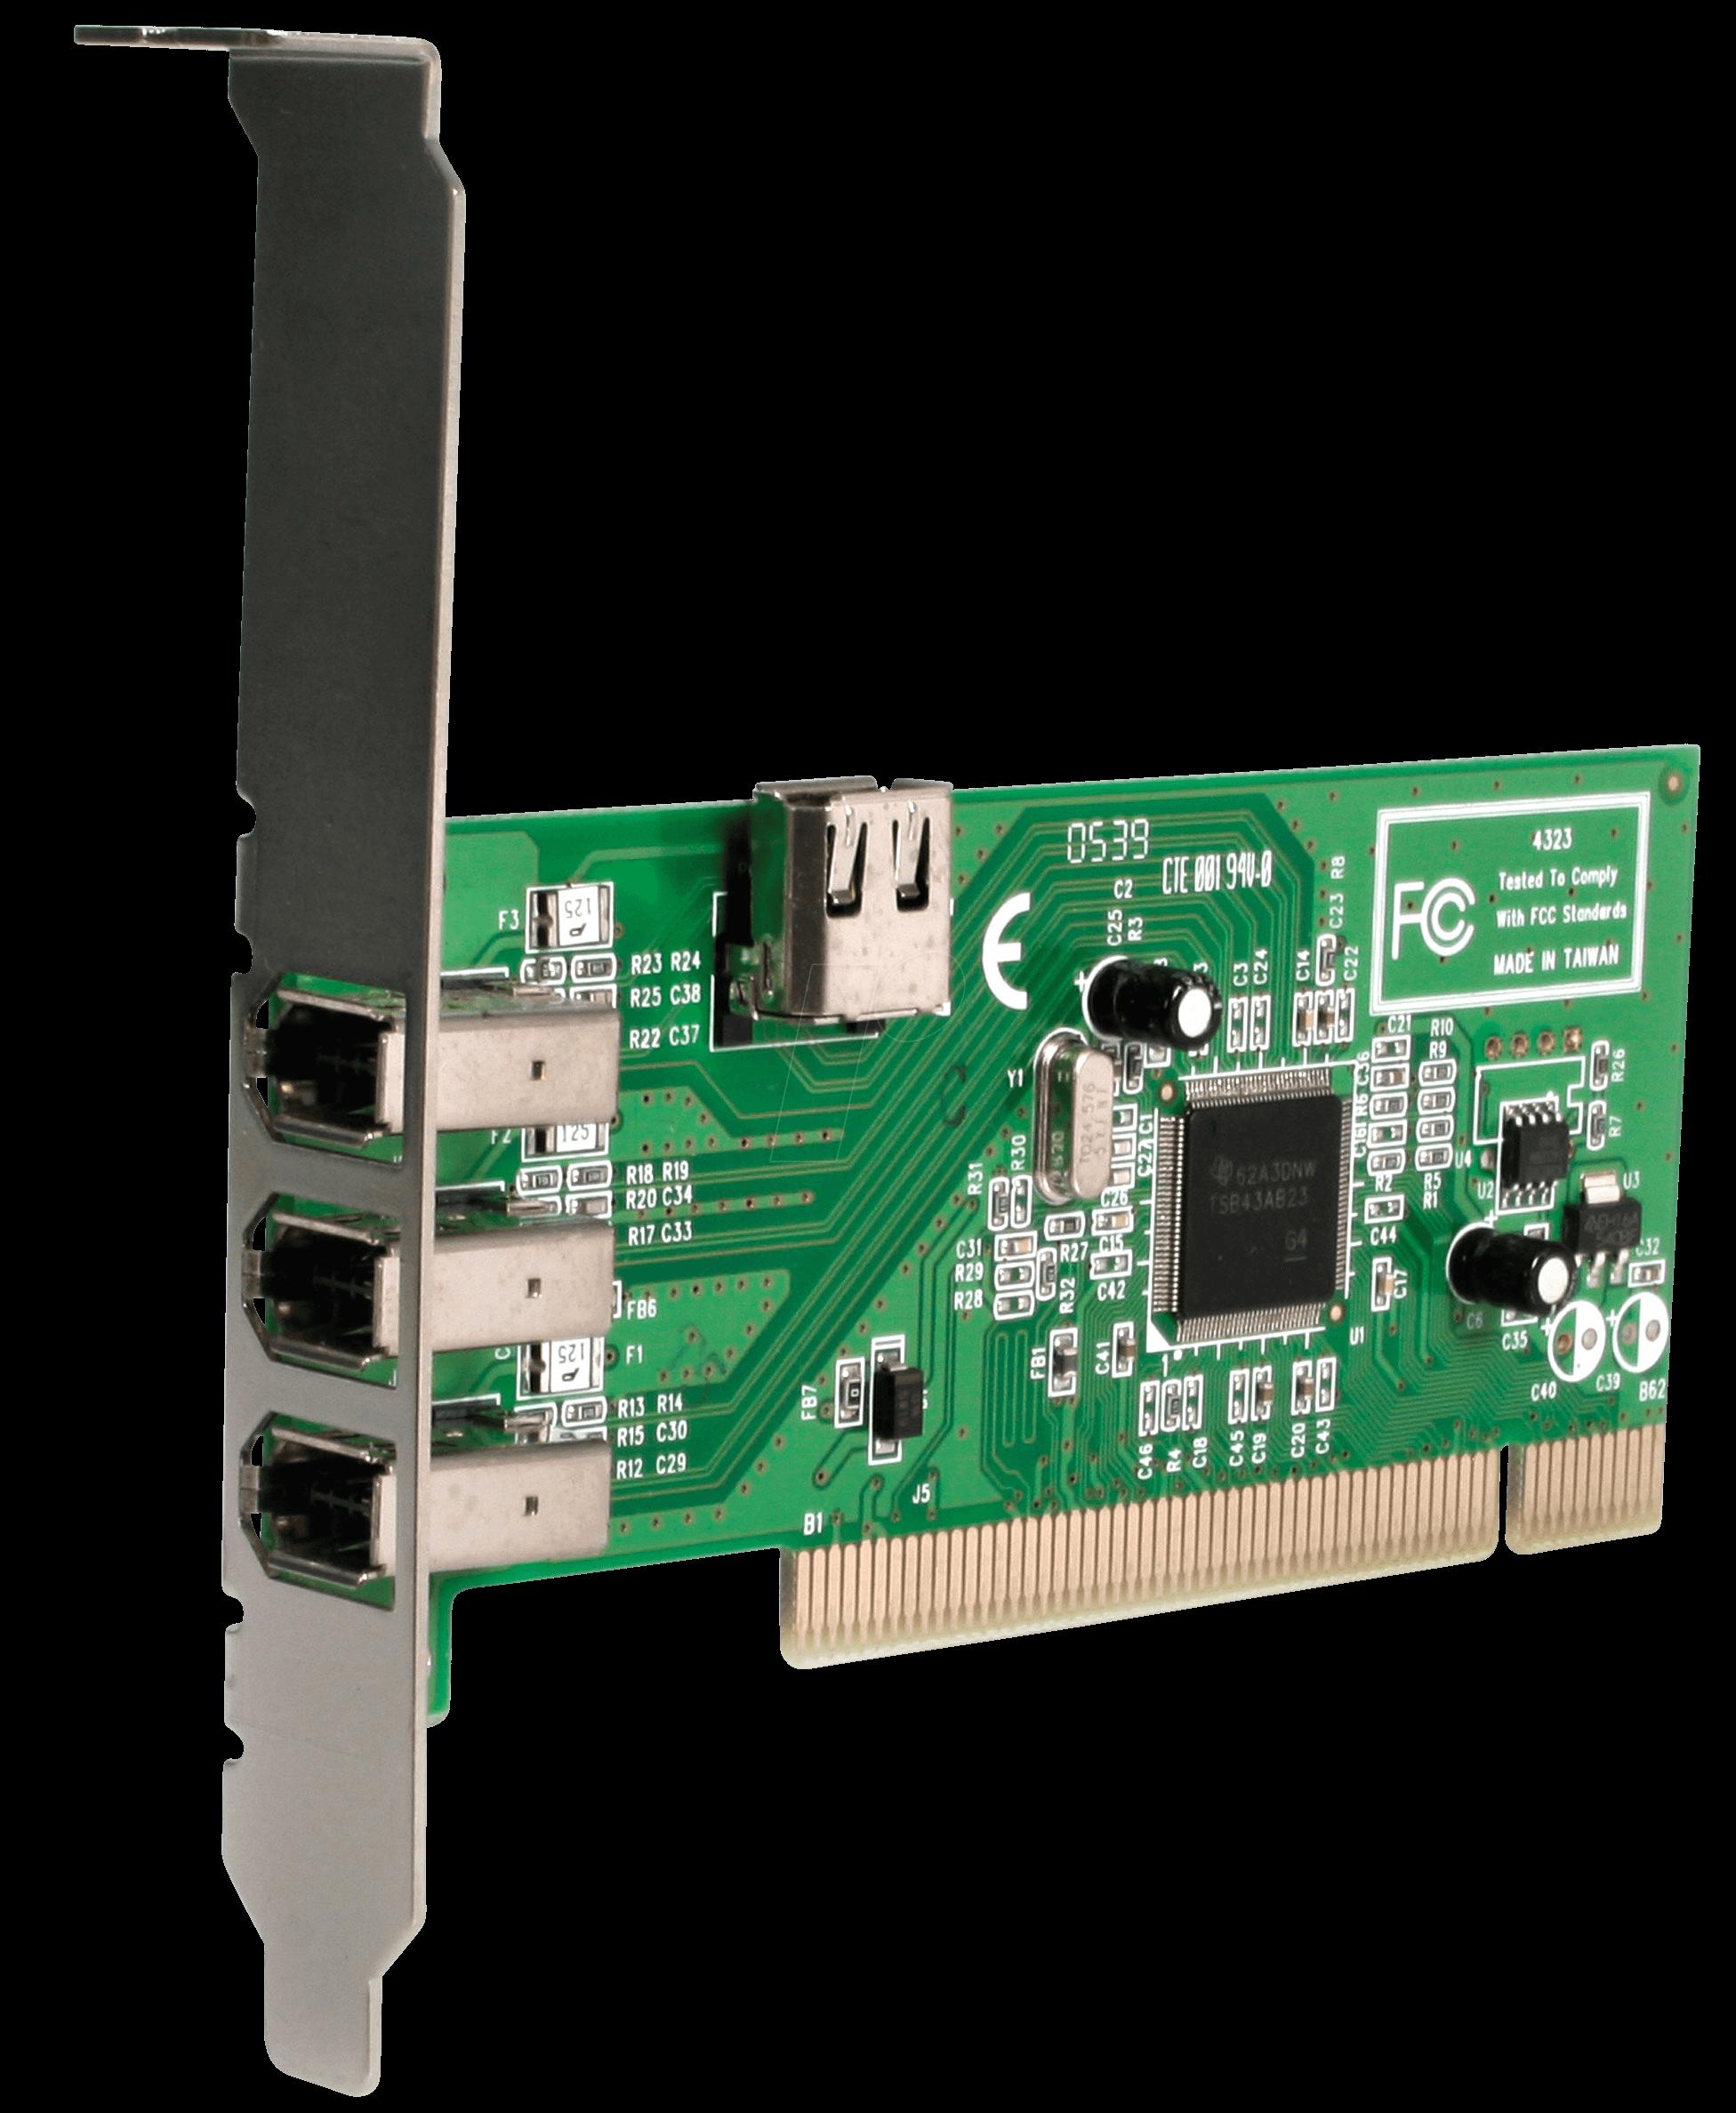 https://cdn-reichelt.de/bilder/web/xxl_ws/E201/PCI1394MP_02.png